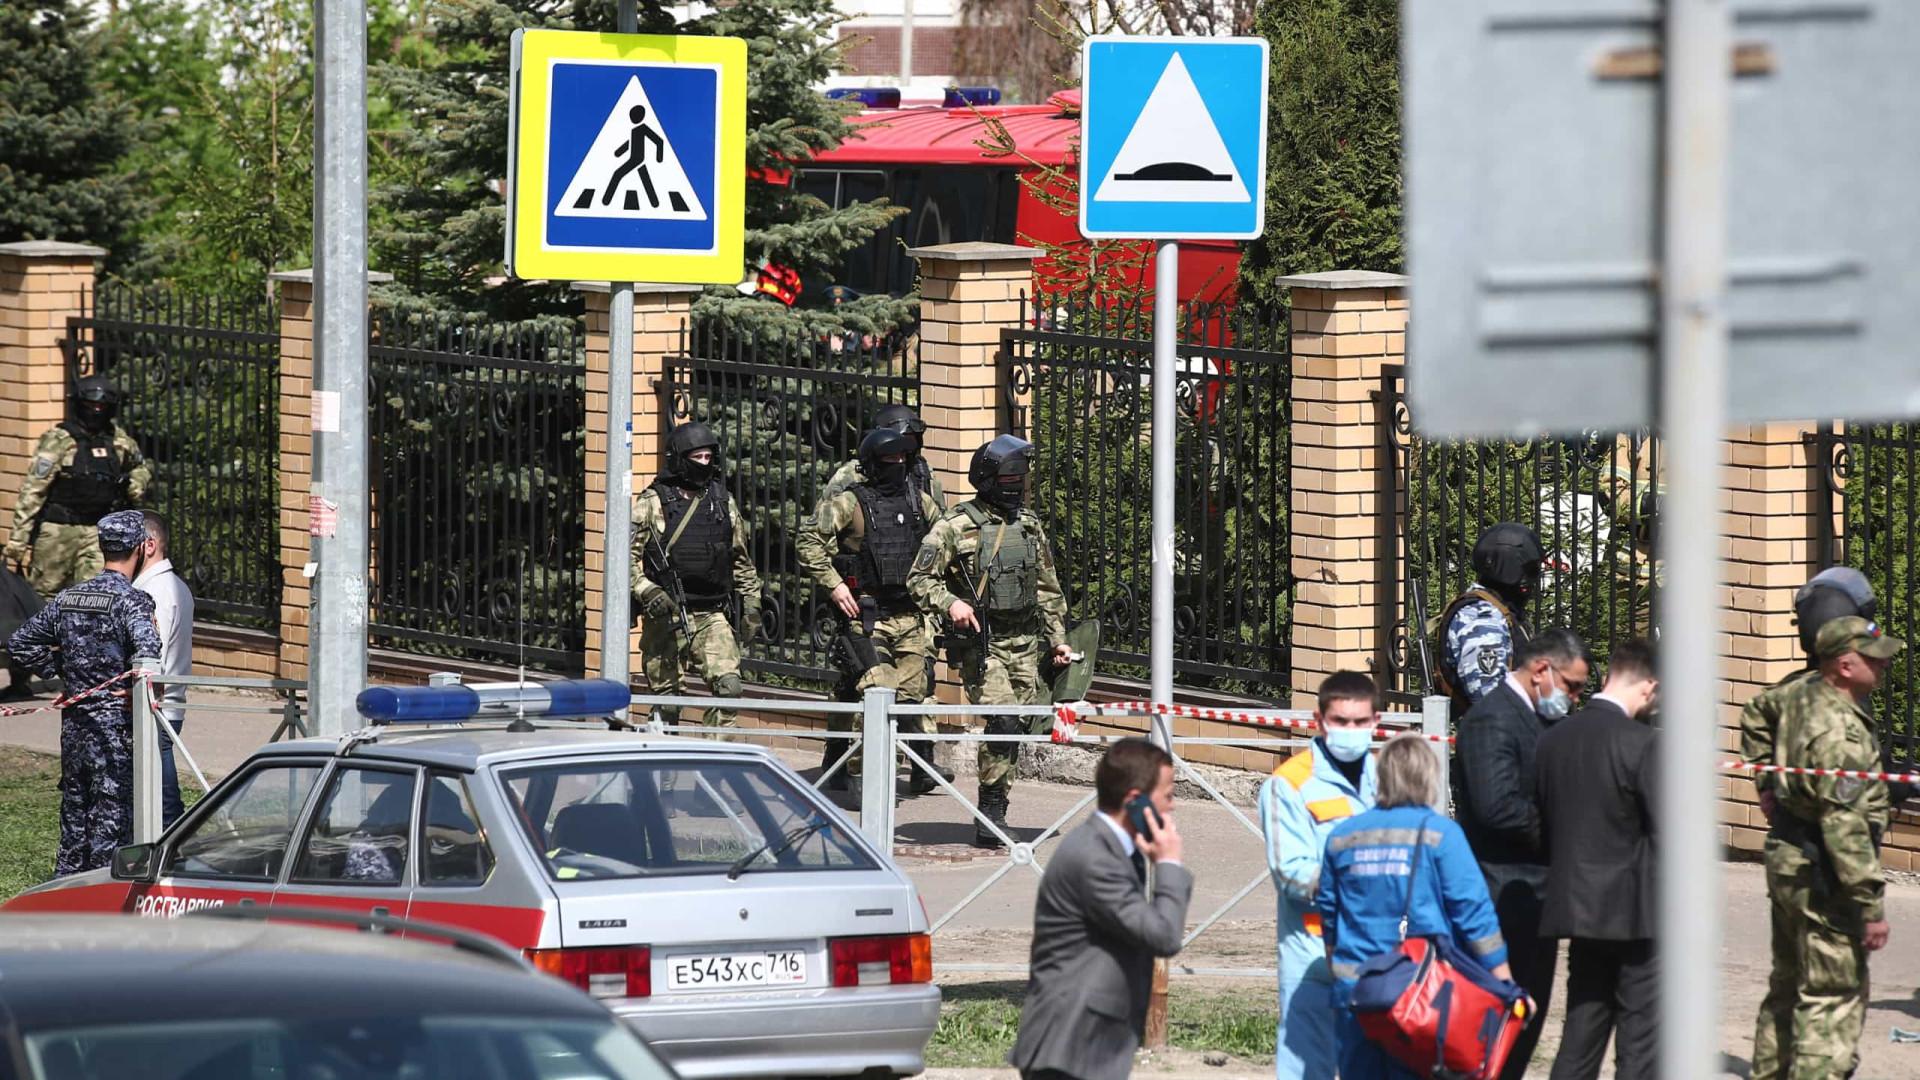 Ataque a tiros em escola na Rússia deixa ao menos 8 mortos